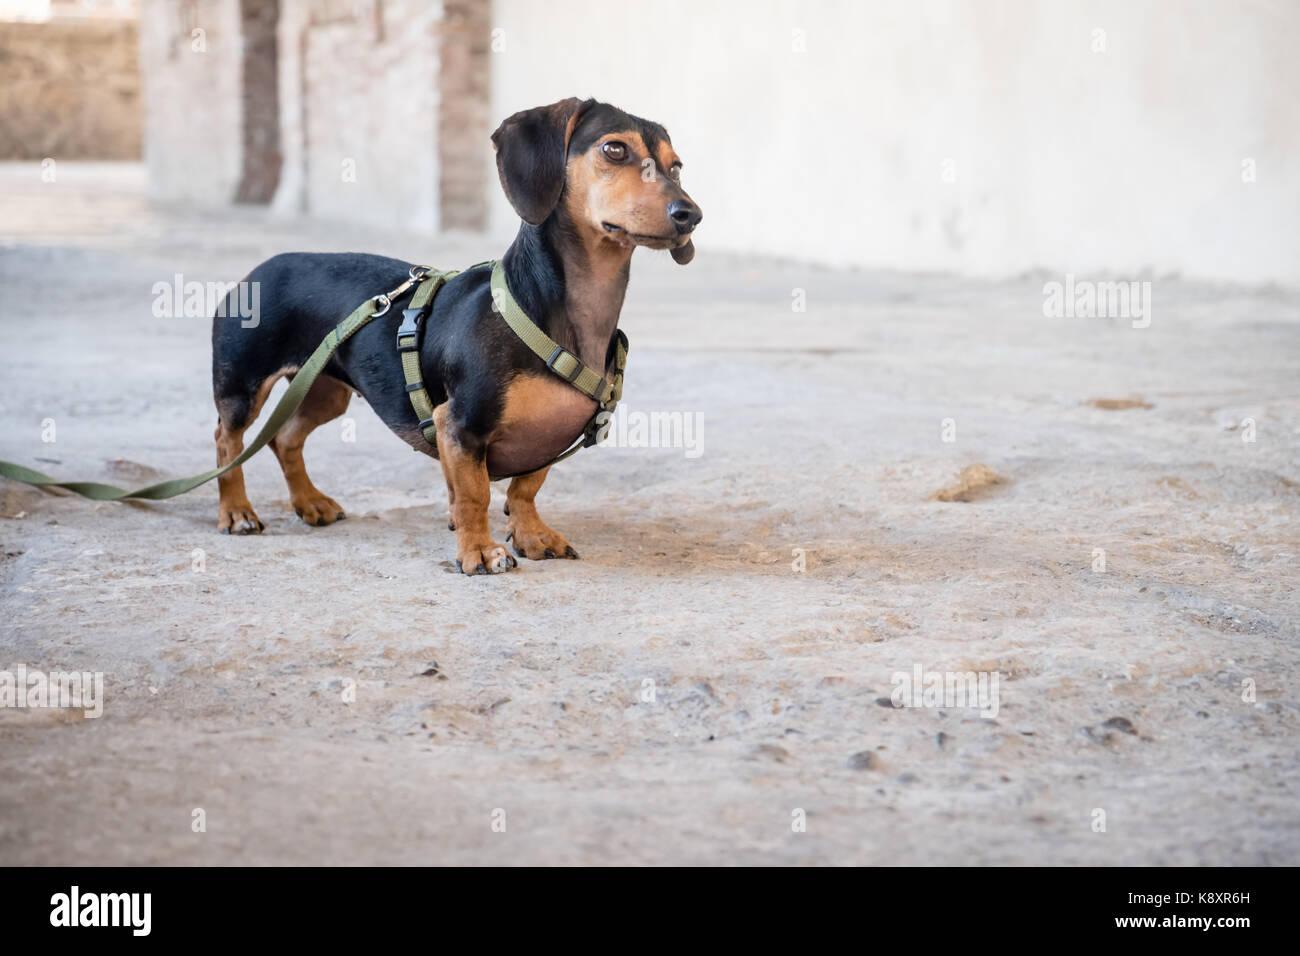 Sausage Dog Stock Photos & Sausage Dog Stock Images - Alamy